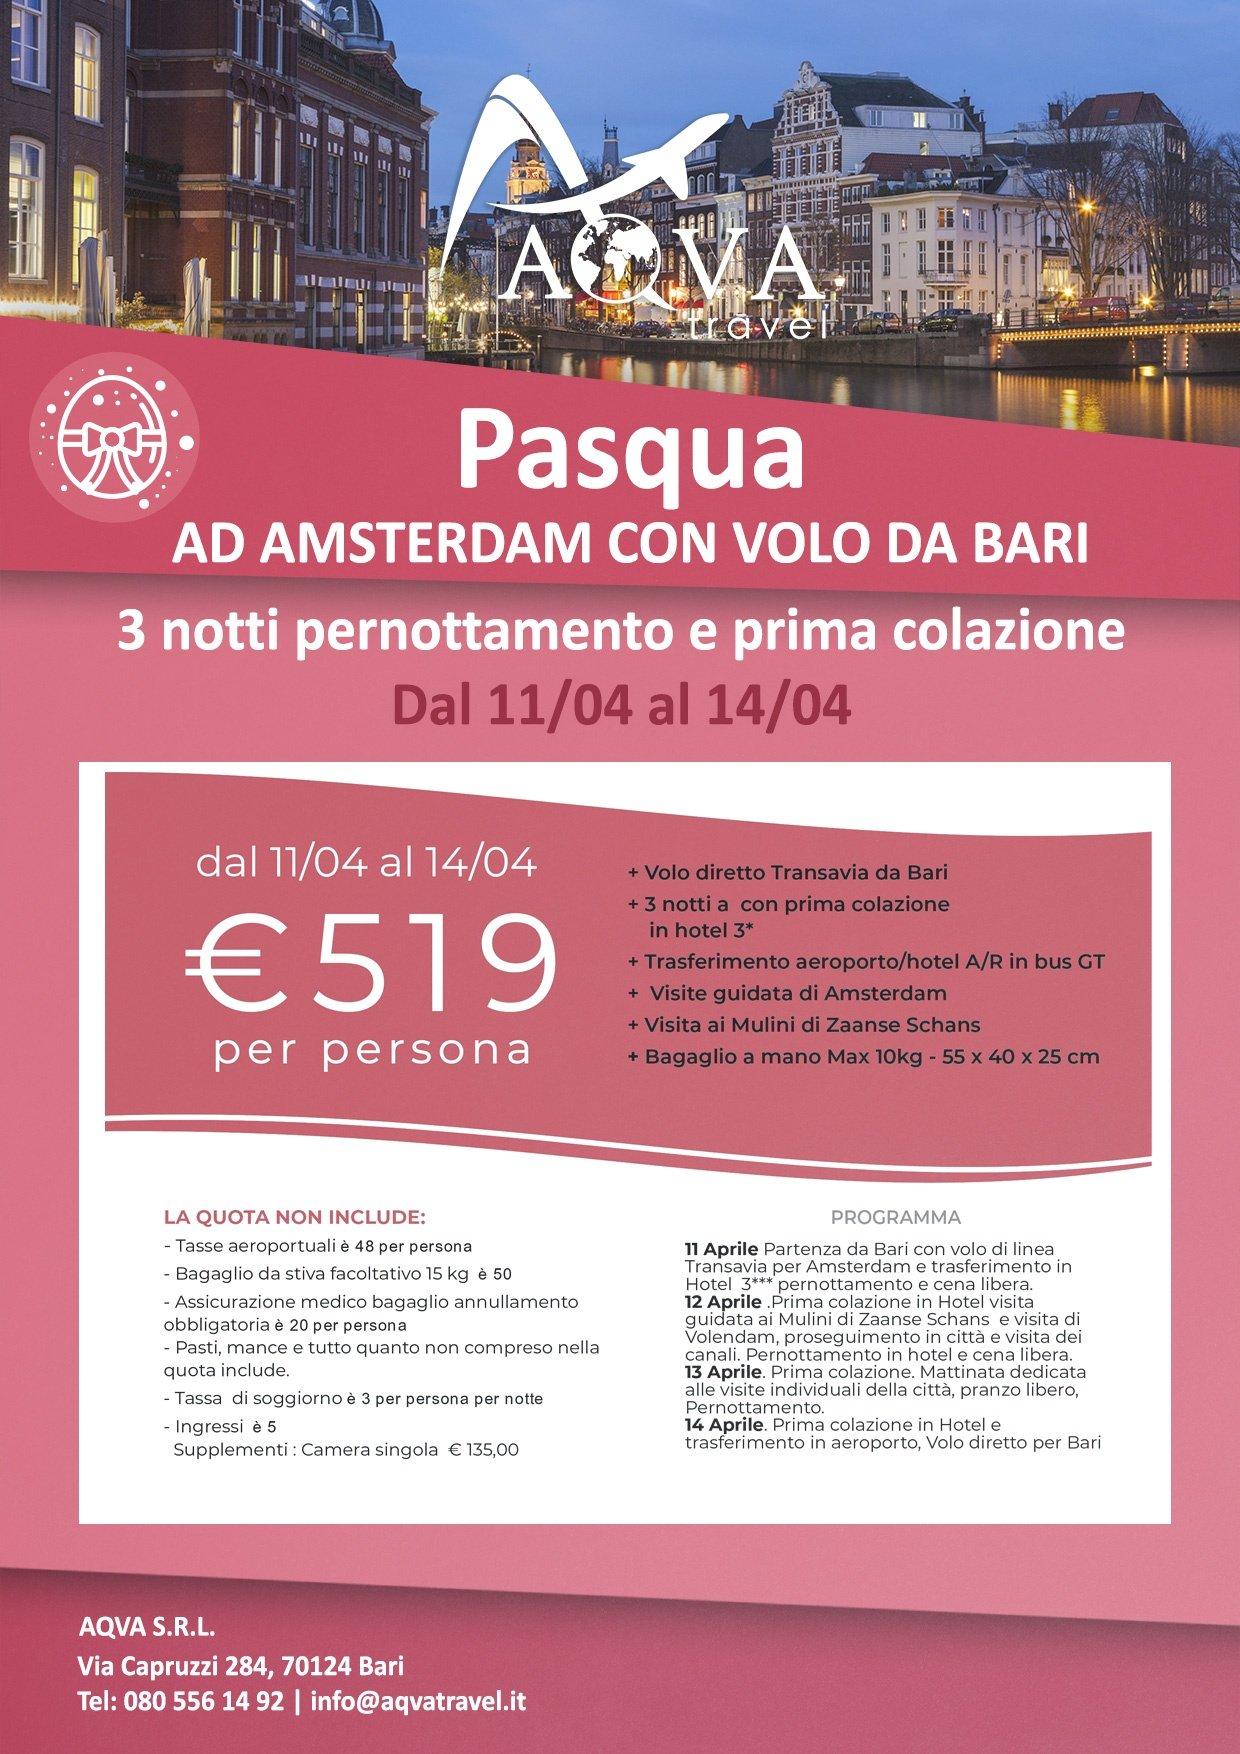 Pasqua-AD-AMSTERDAM-CON-VOLO-DA-BARI-Pasqua-offerte-agenzia-di-viaggi-Bari-AQVATRAVEL-it